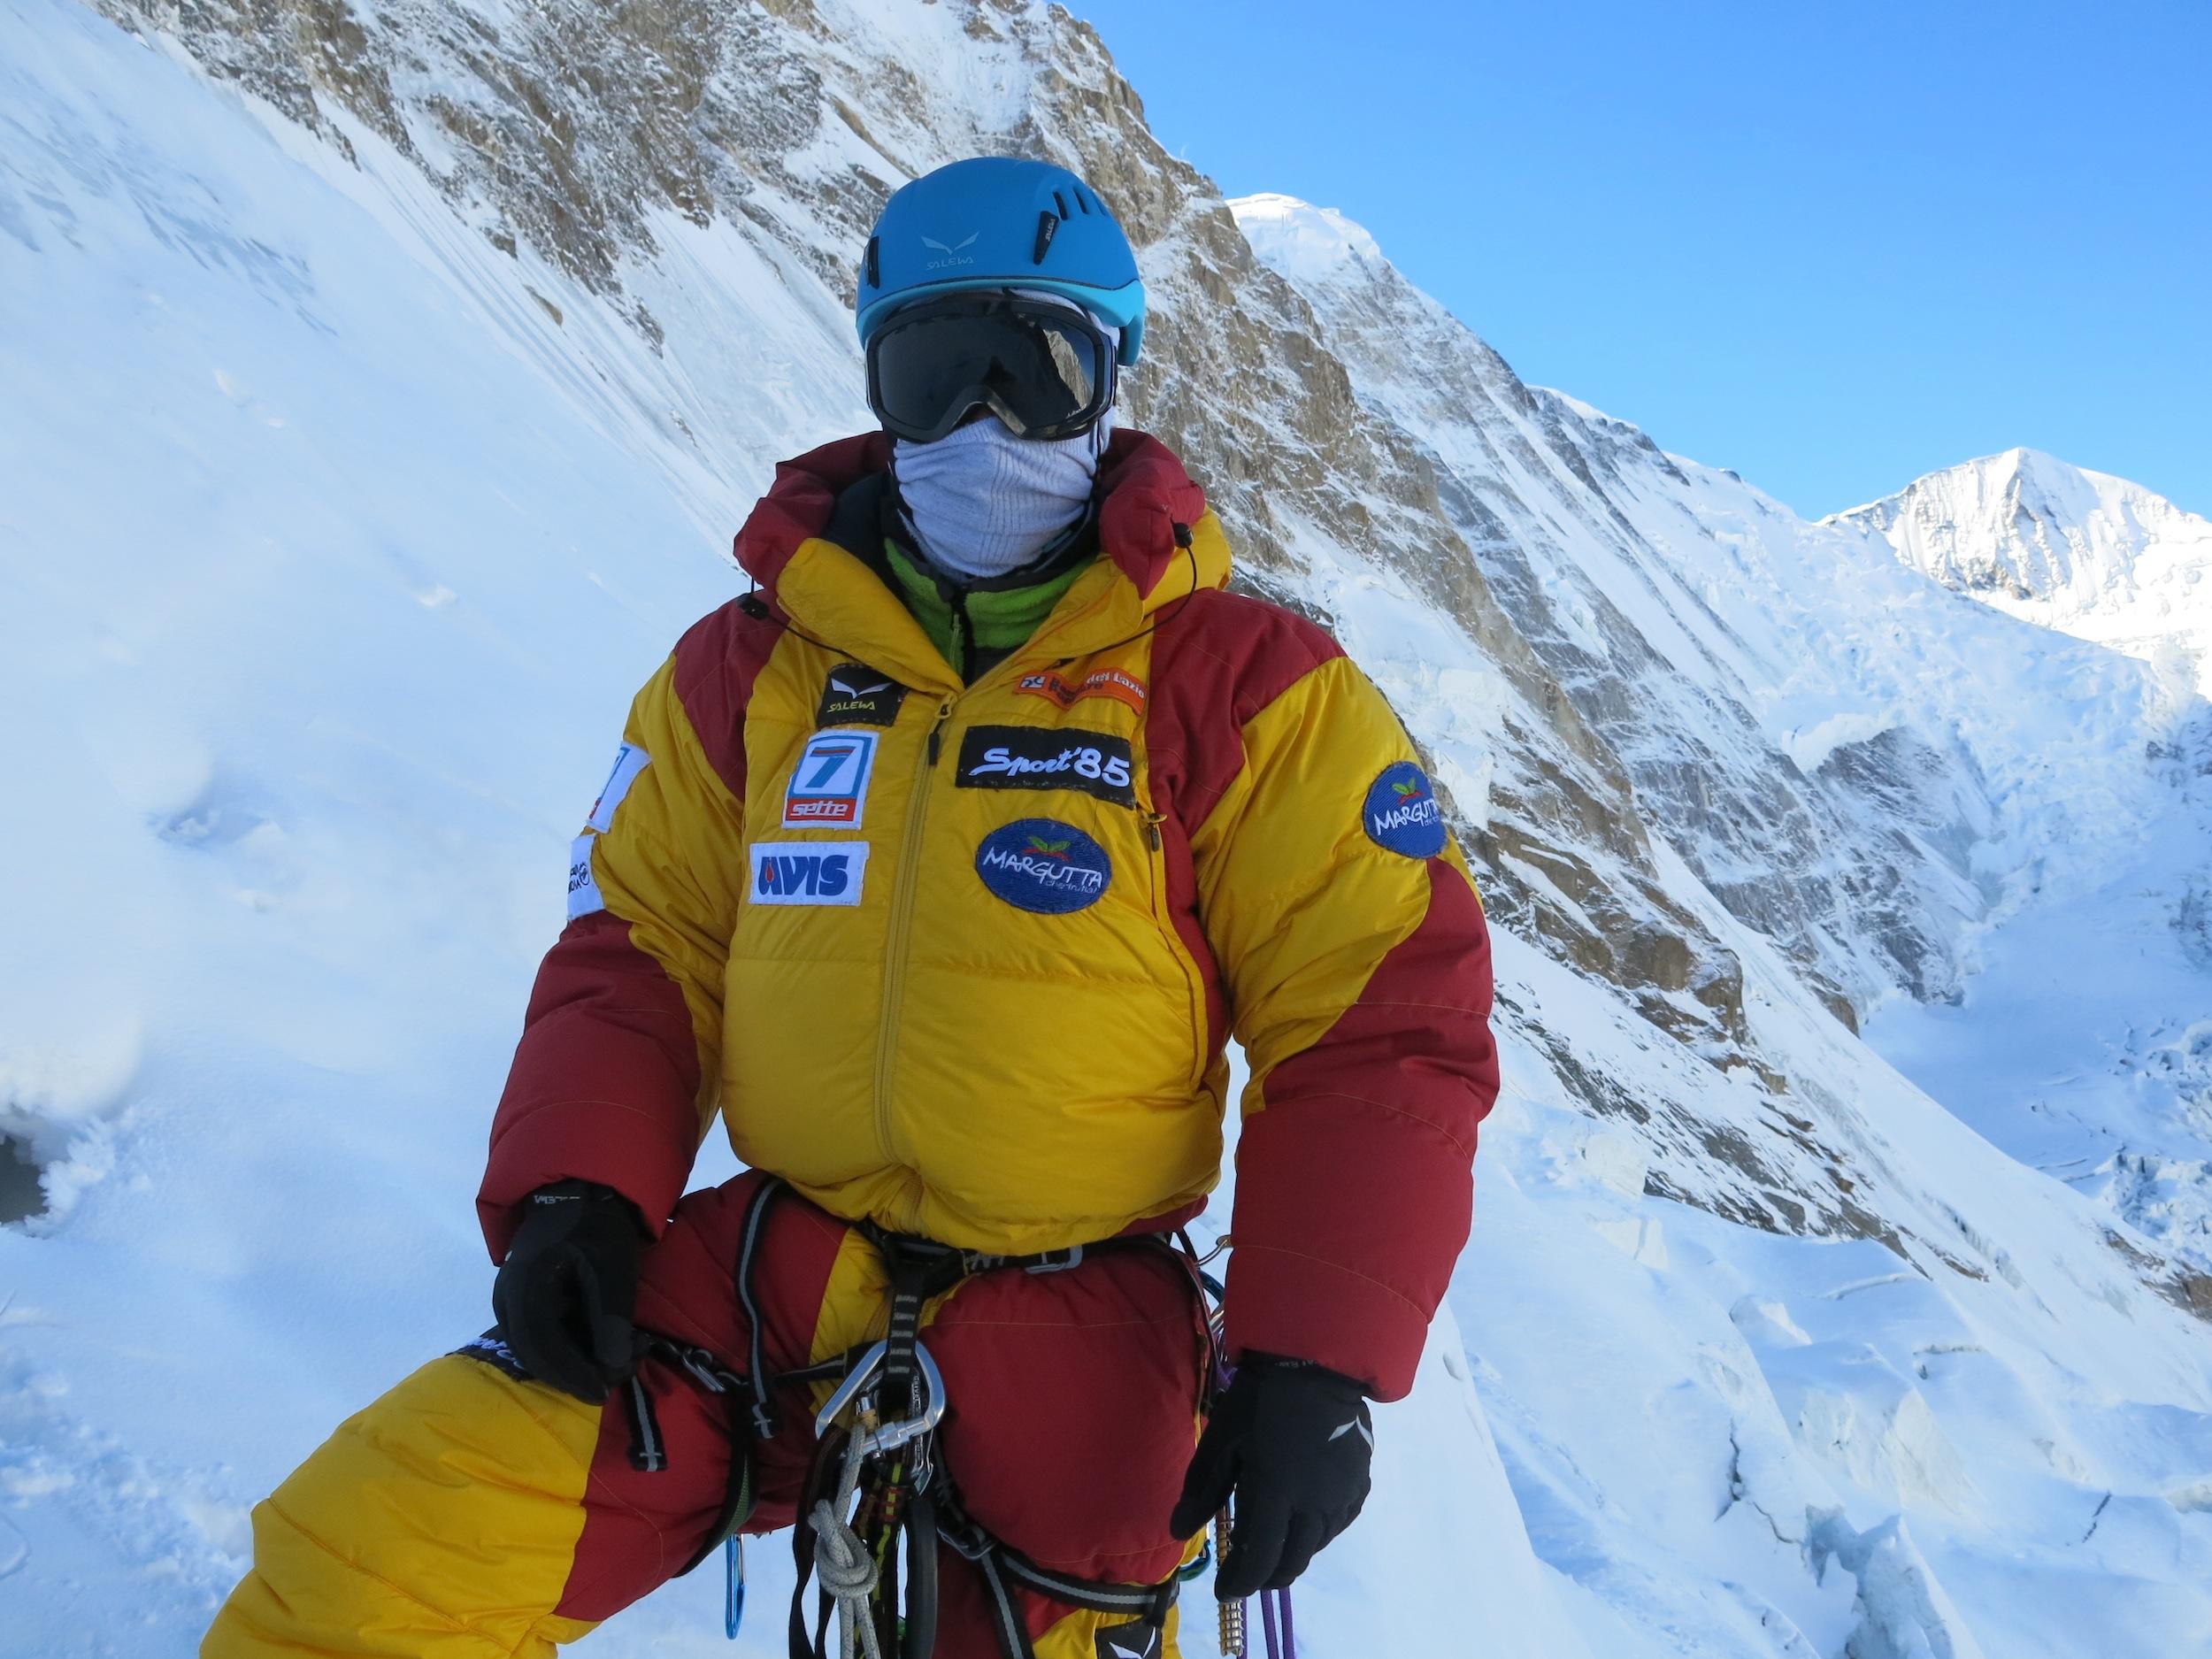 Uzależnieni od adrenaliny –  cykl filmów górskich w CANAL+ DISCOVERY